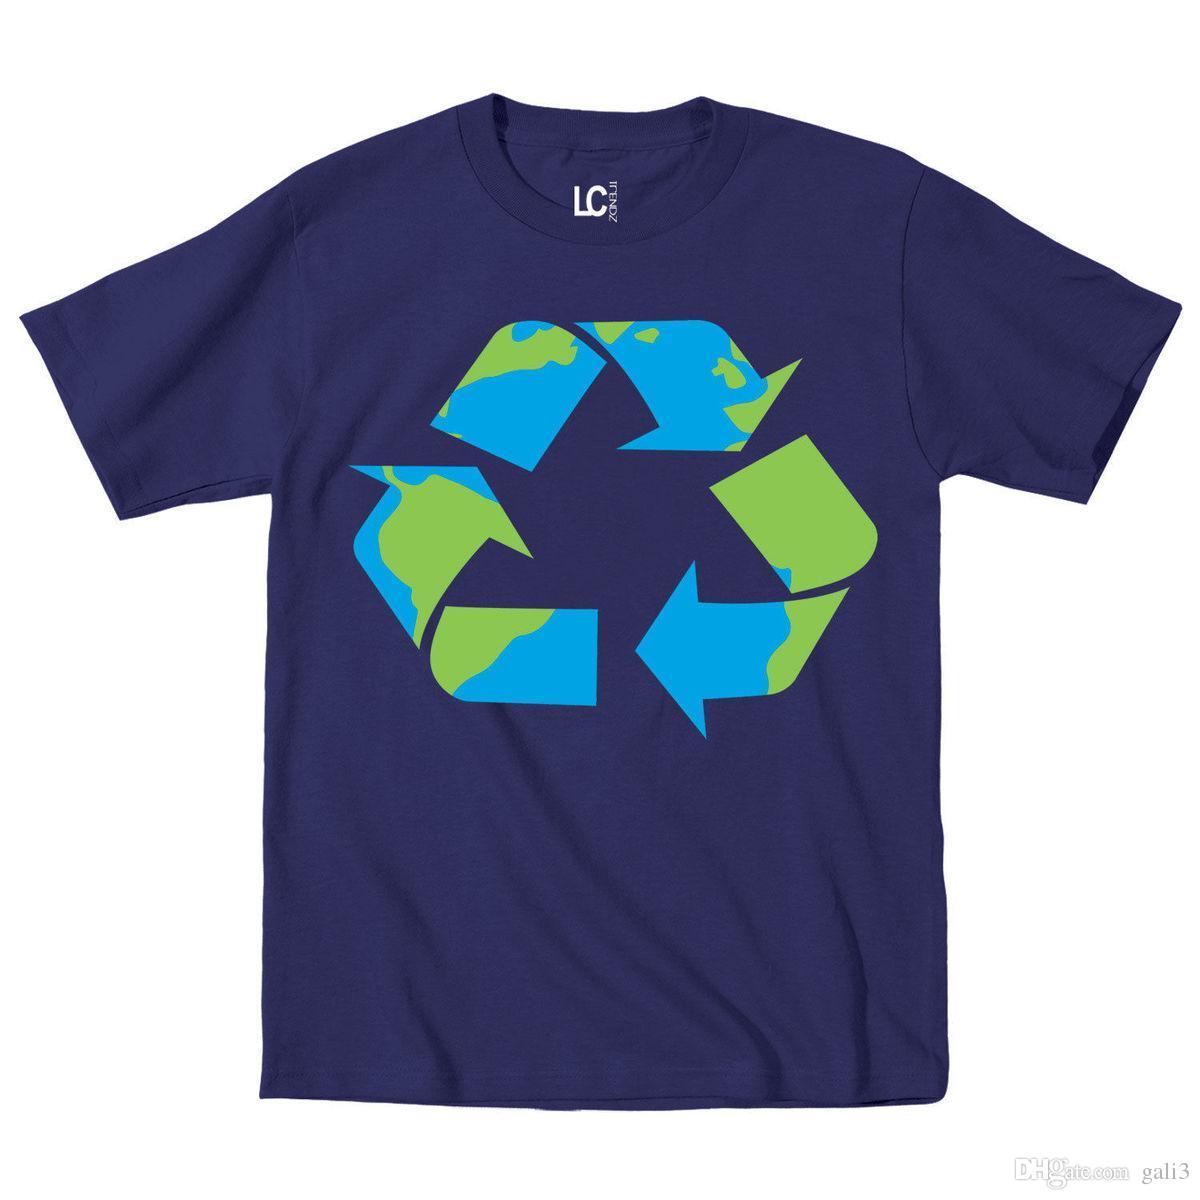 7447affae Compre Logotipo De Reciclaje Imprimir Día De La Tierra Ir Verde Reducir  Reutilizar Camiseta Para Hombre De La Madre Tierra Camiseta Estampada  Camiseta De ...